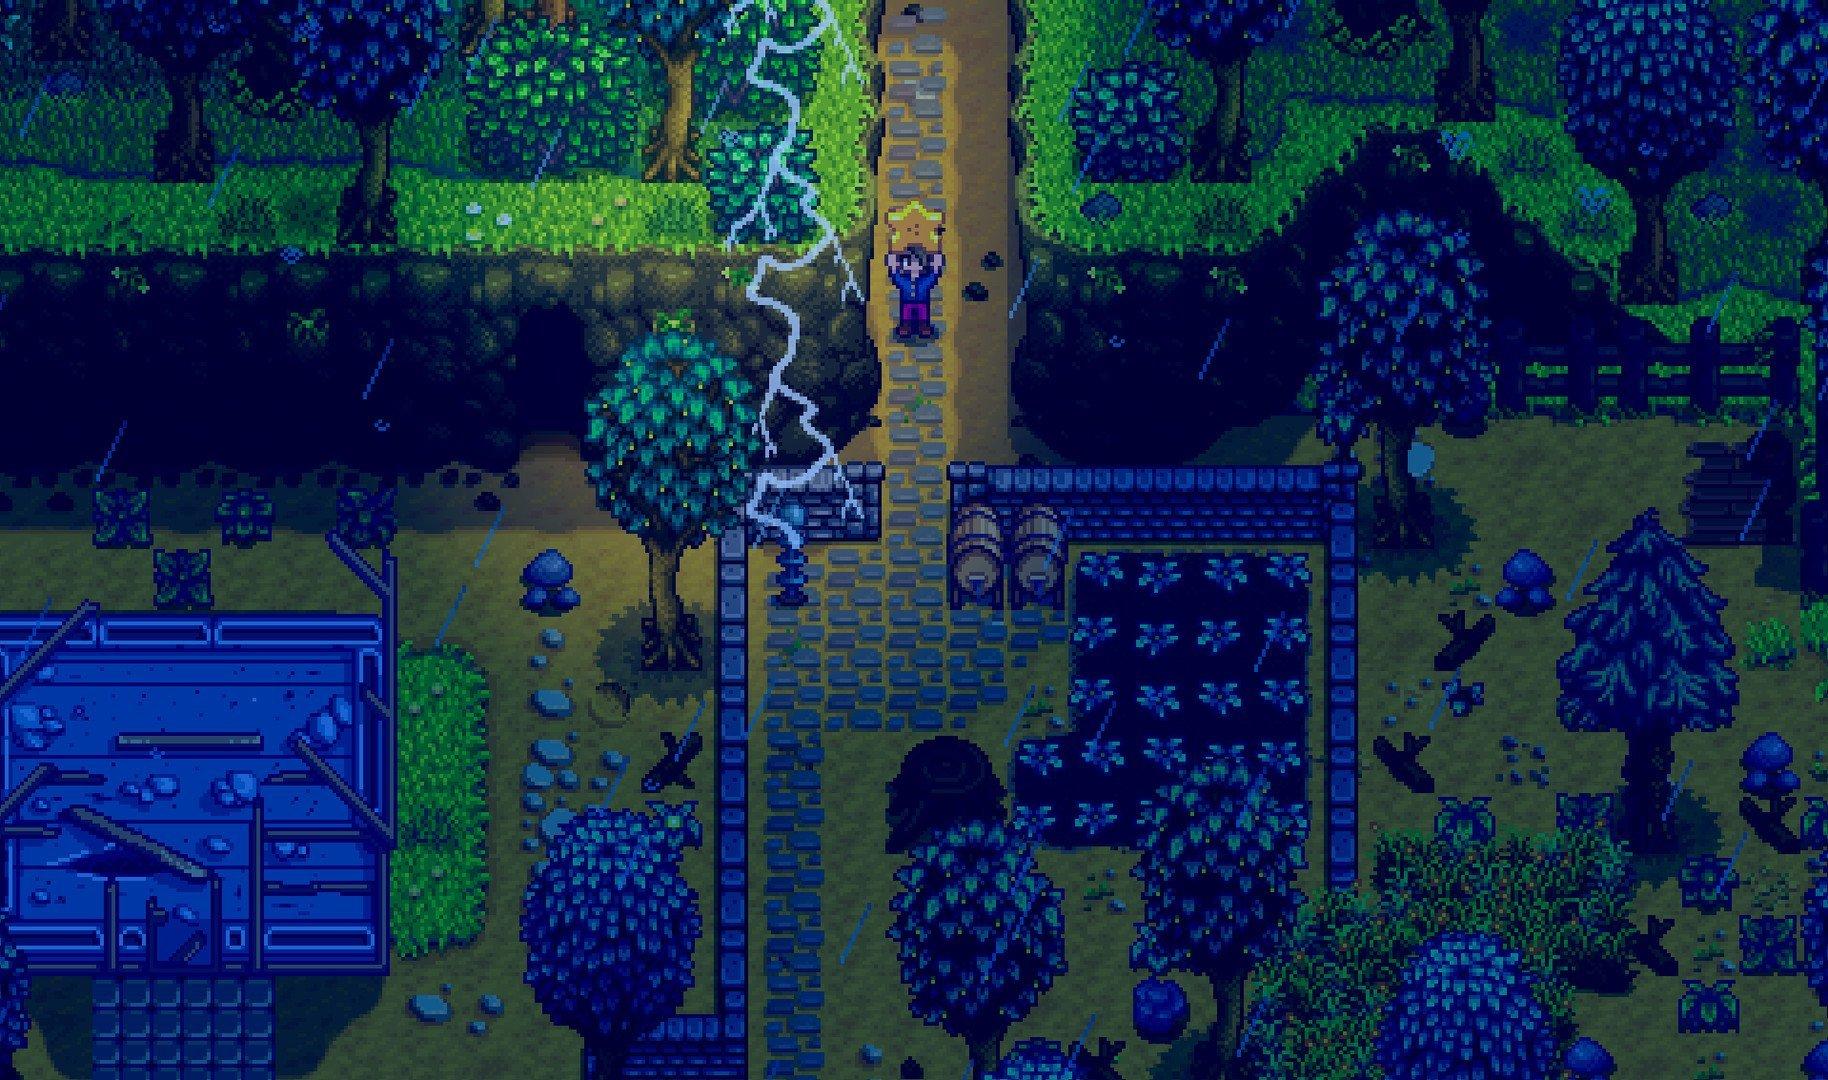 Скриншот к игре Stardew Valley v.1.5.4 [GOG] (2016) скачать торрент Лицензия